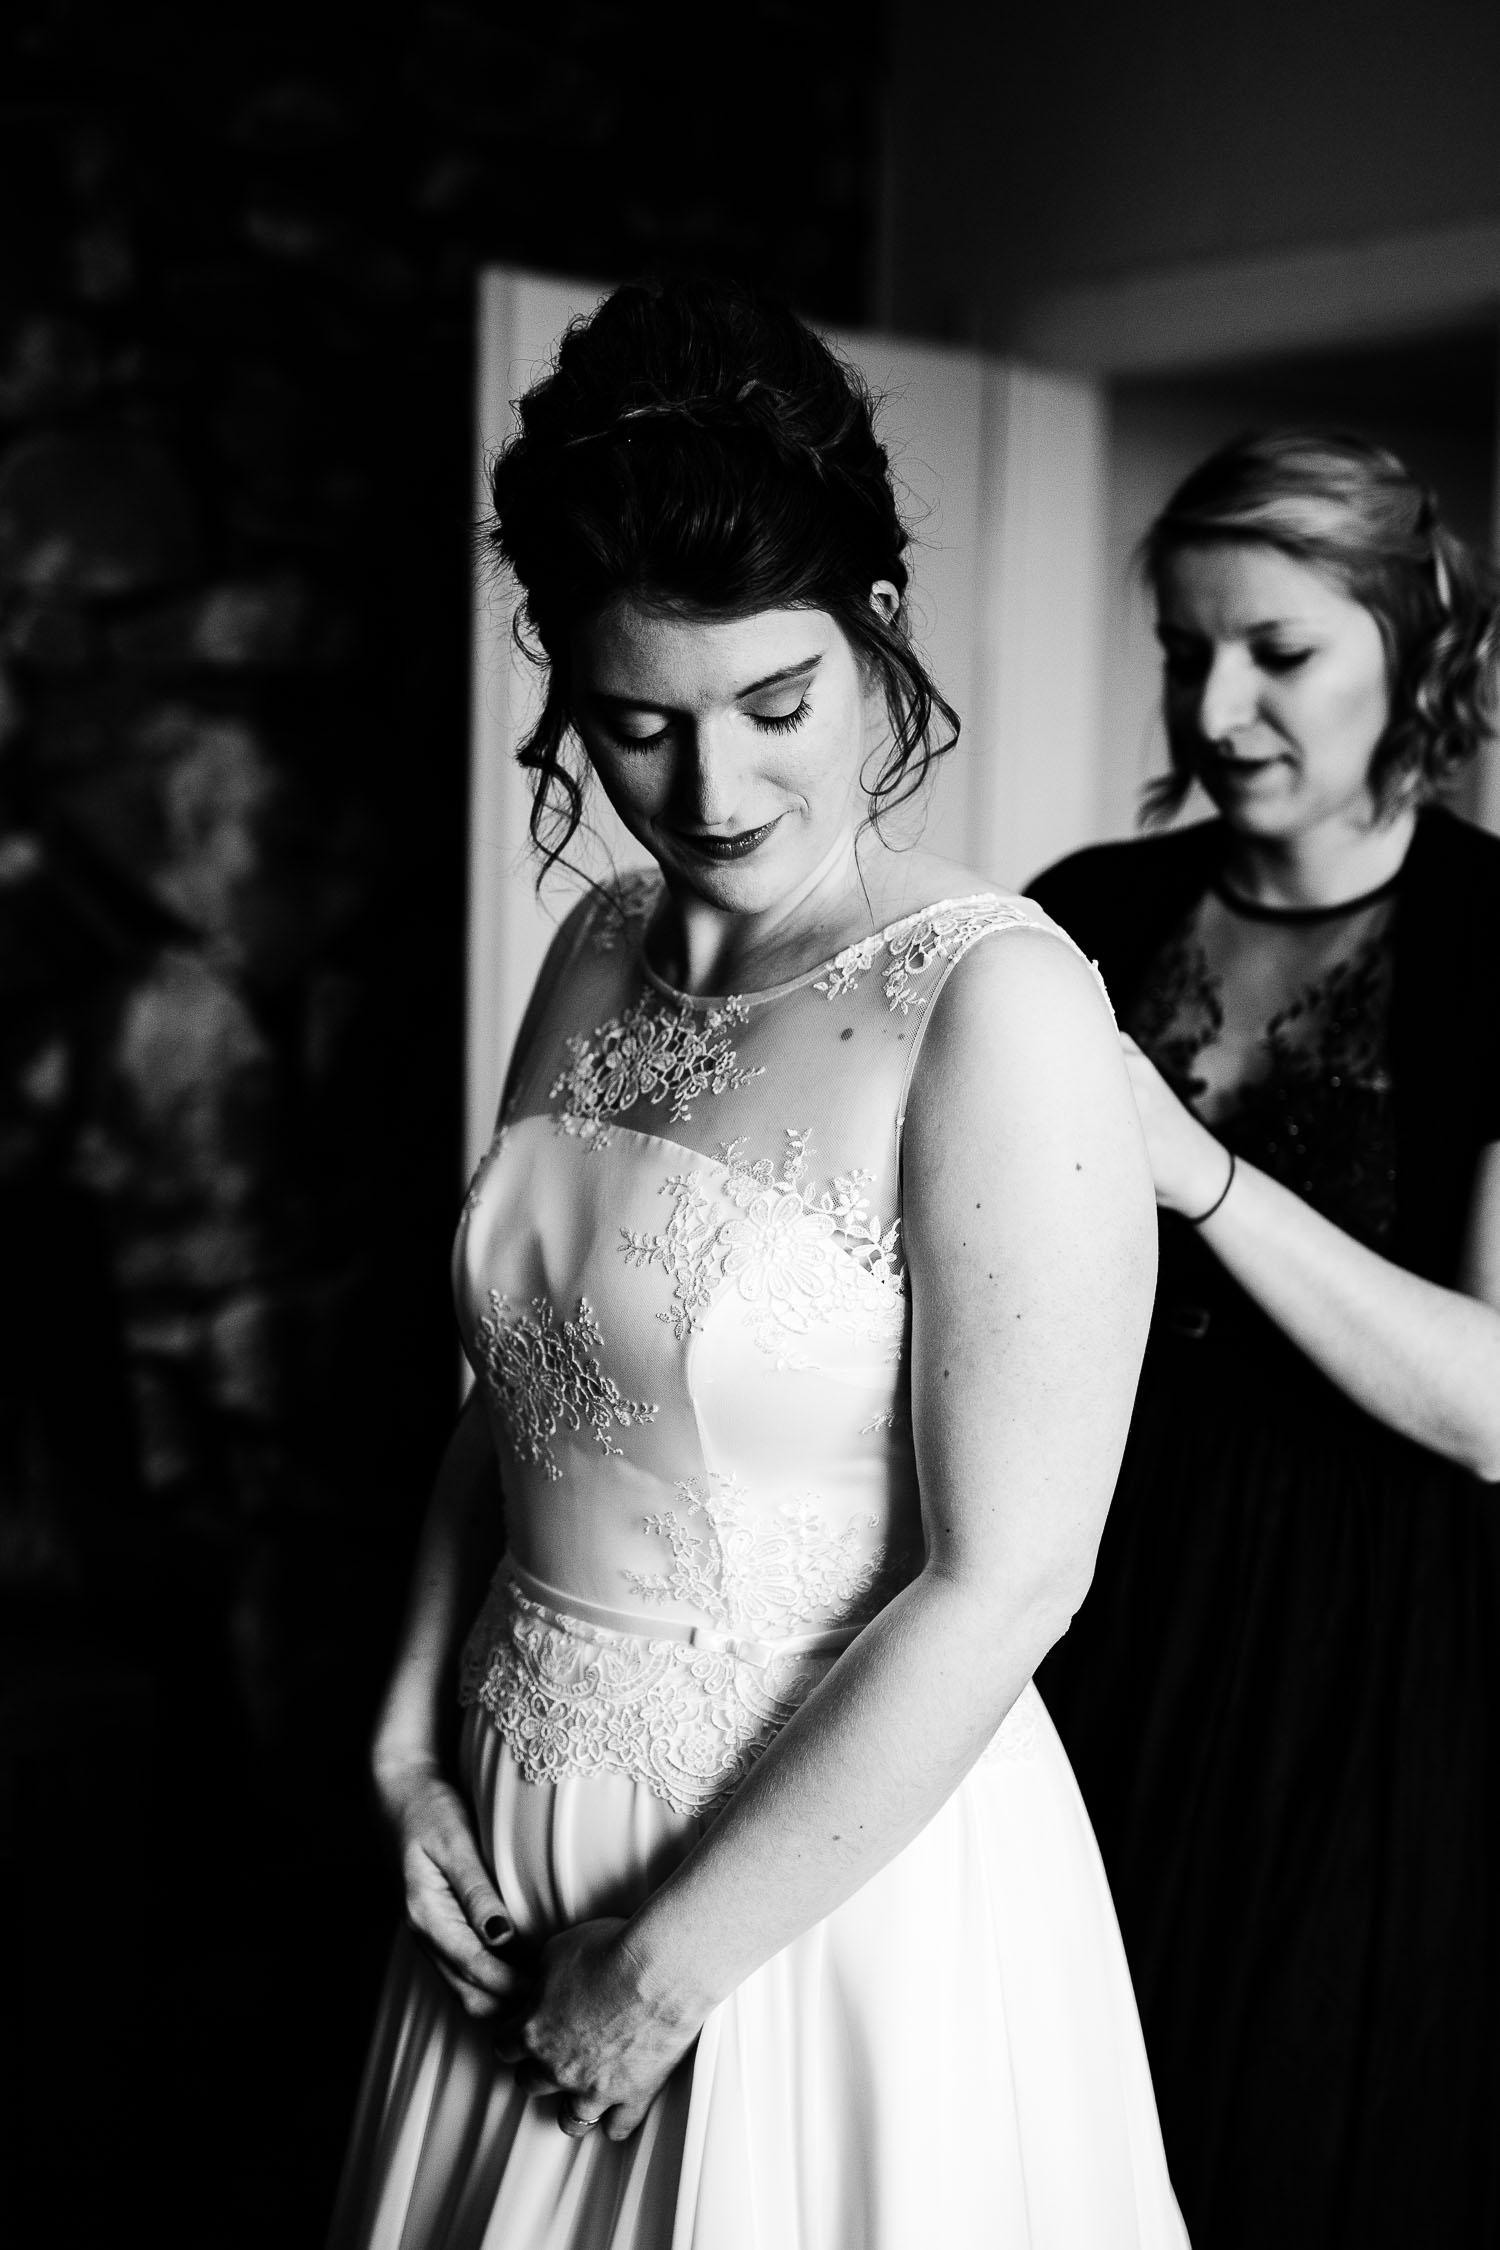 Hochzeitsfotografie-Hannover-Hochzeitsfotograf-m-fotografiert-Fotografie-Hochzeit-23-2 Marie & Elias Hochzeitreportage